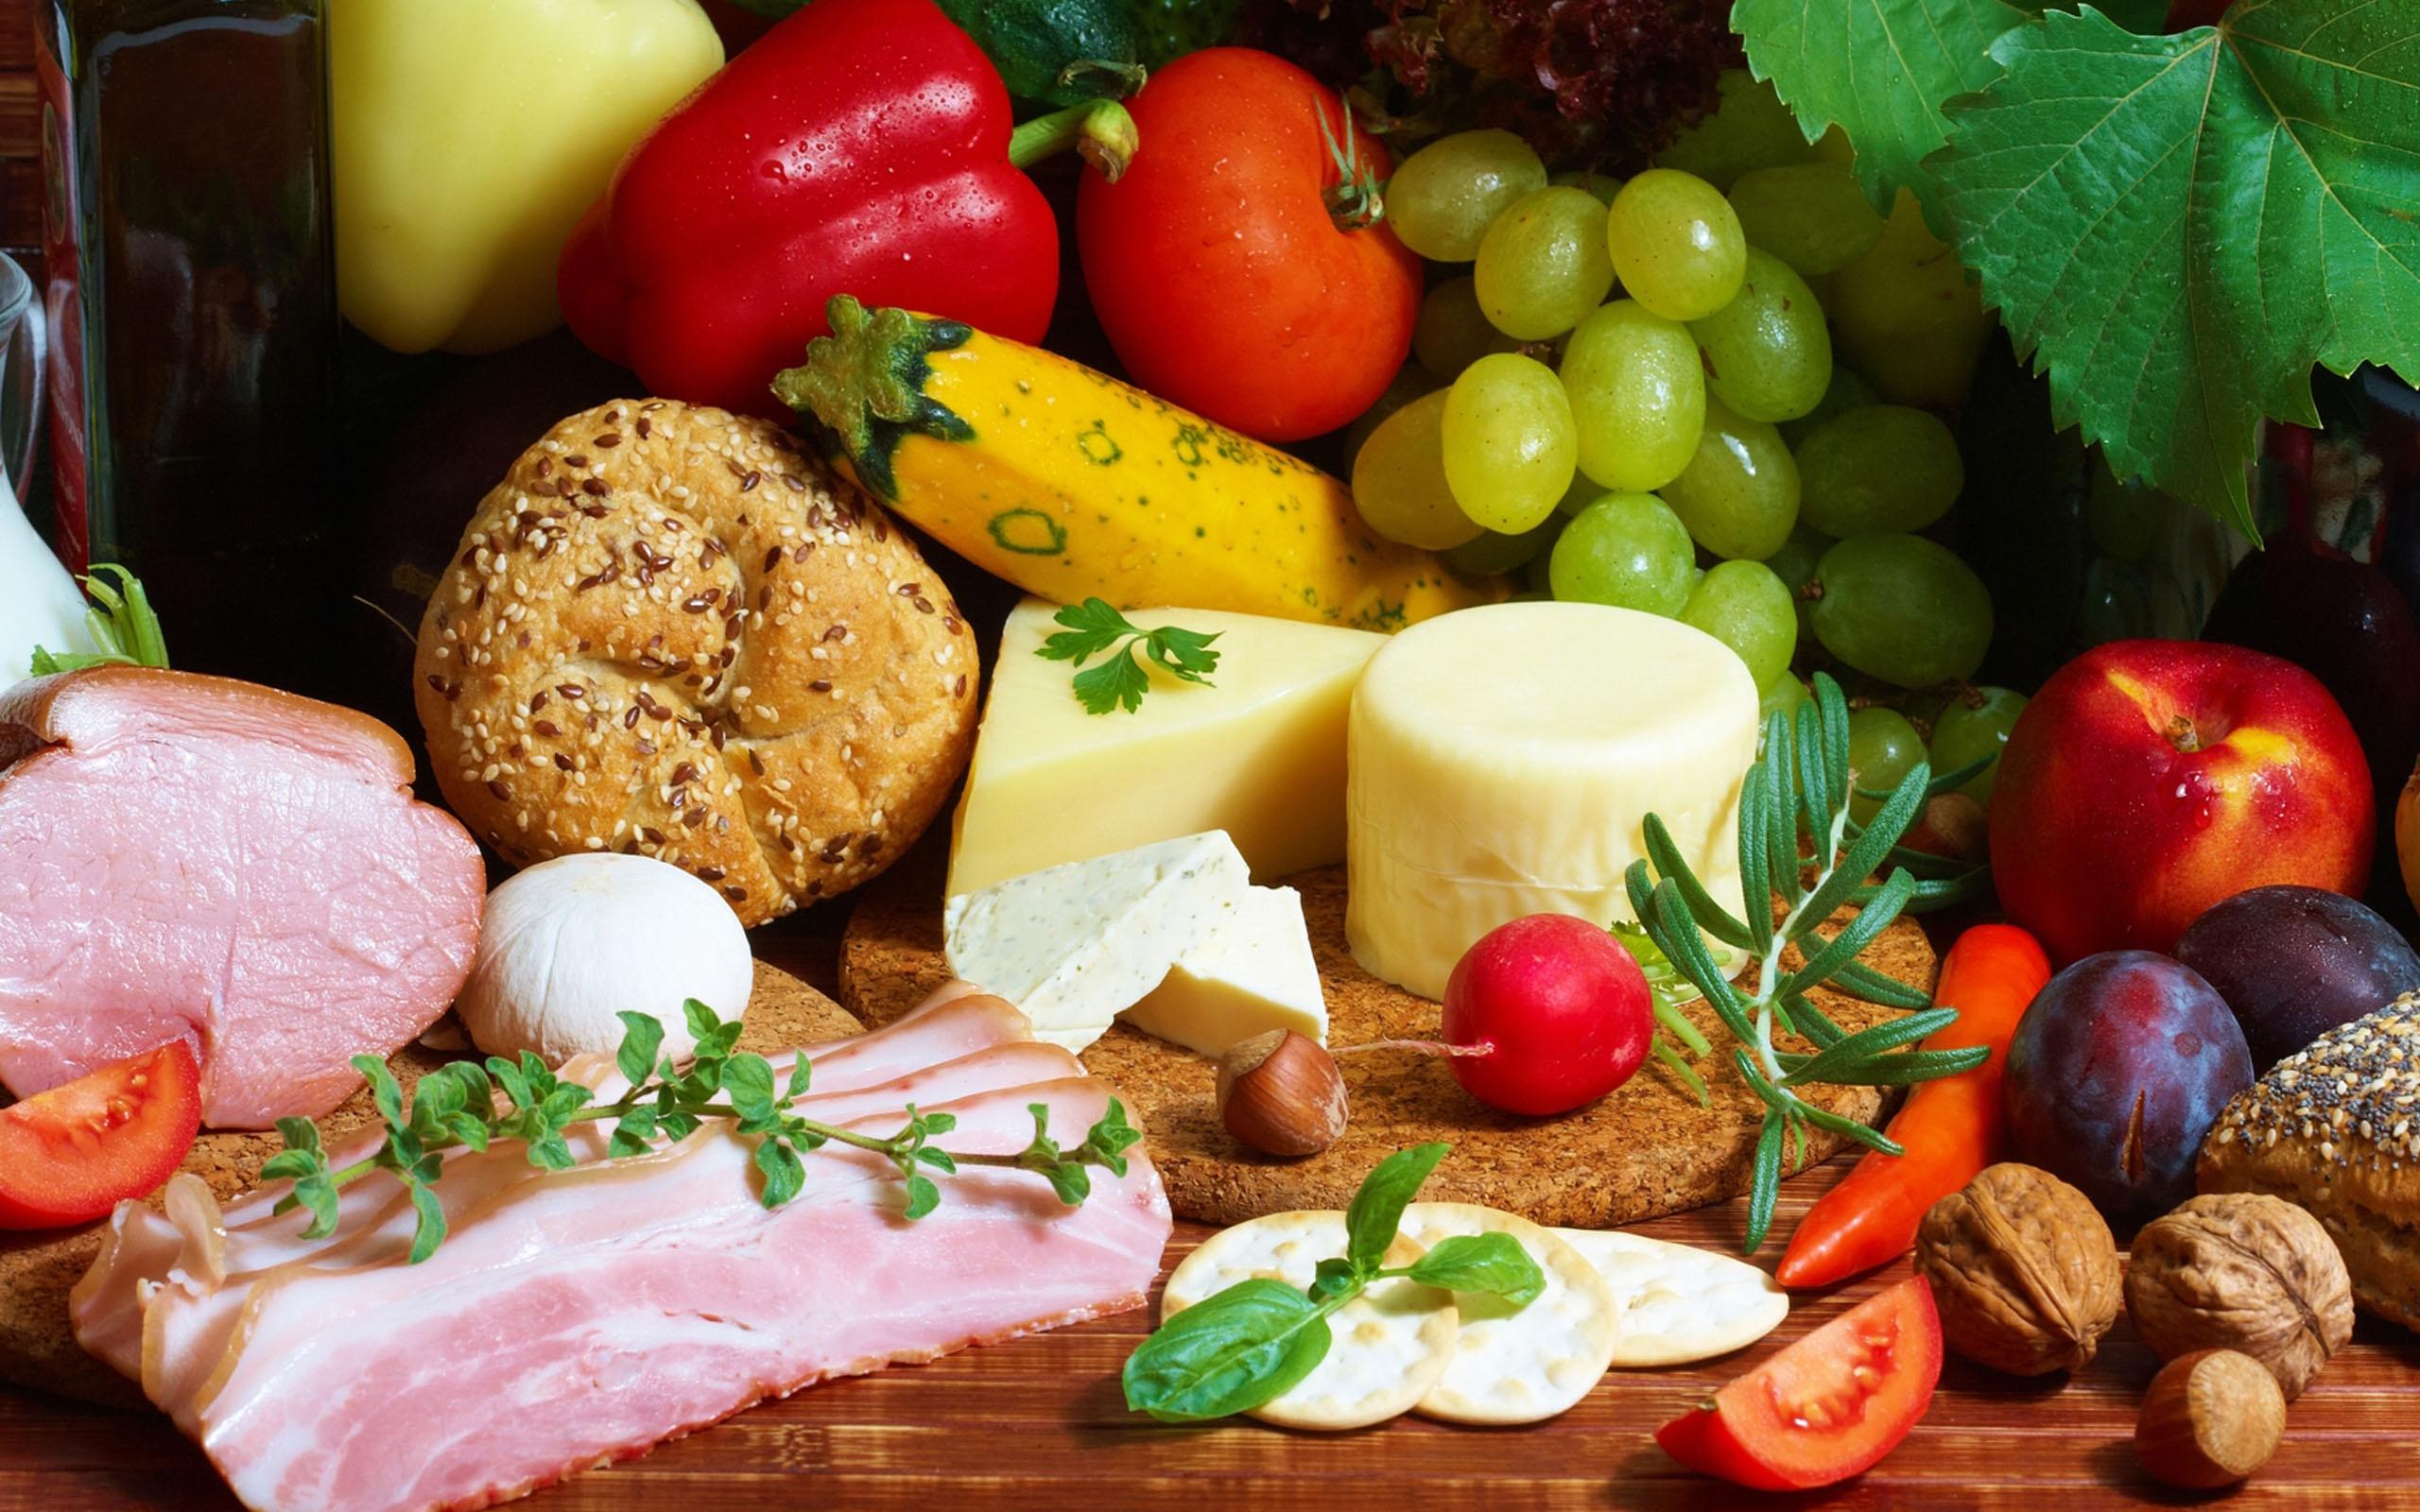 Жителям Тверской области дали рекомендации, как выбирать свежие продукты